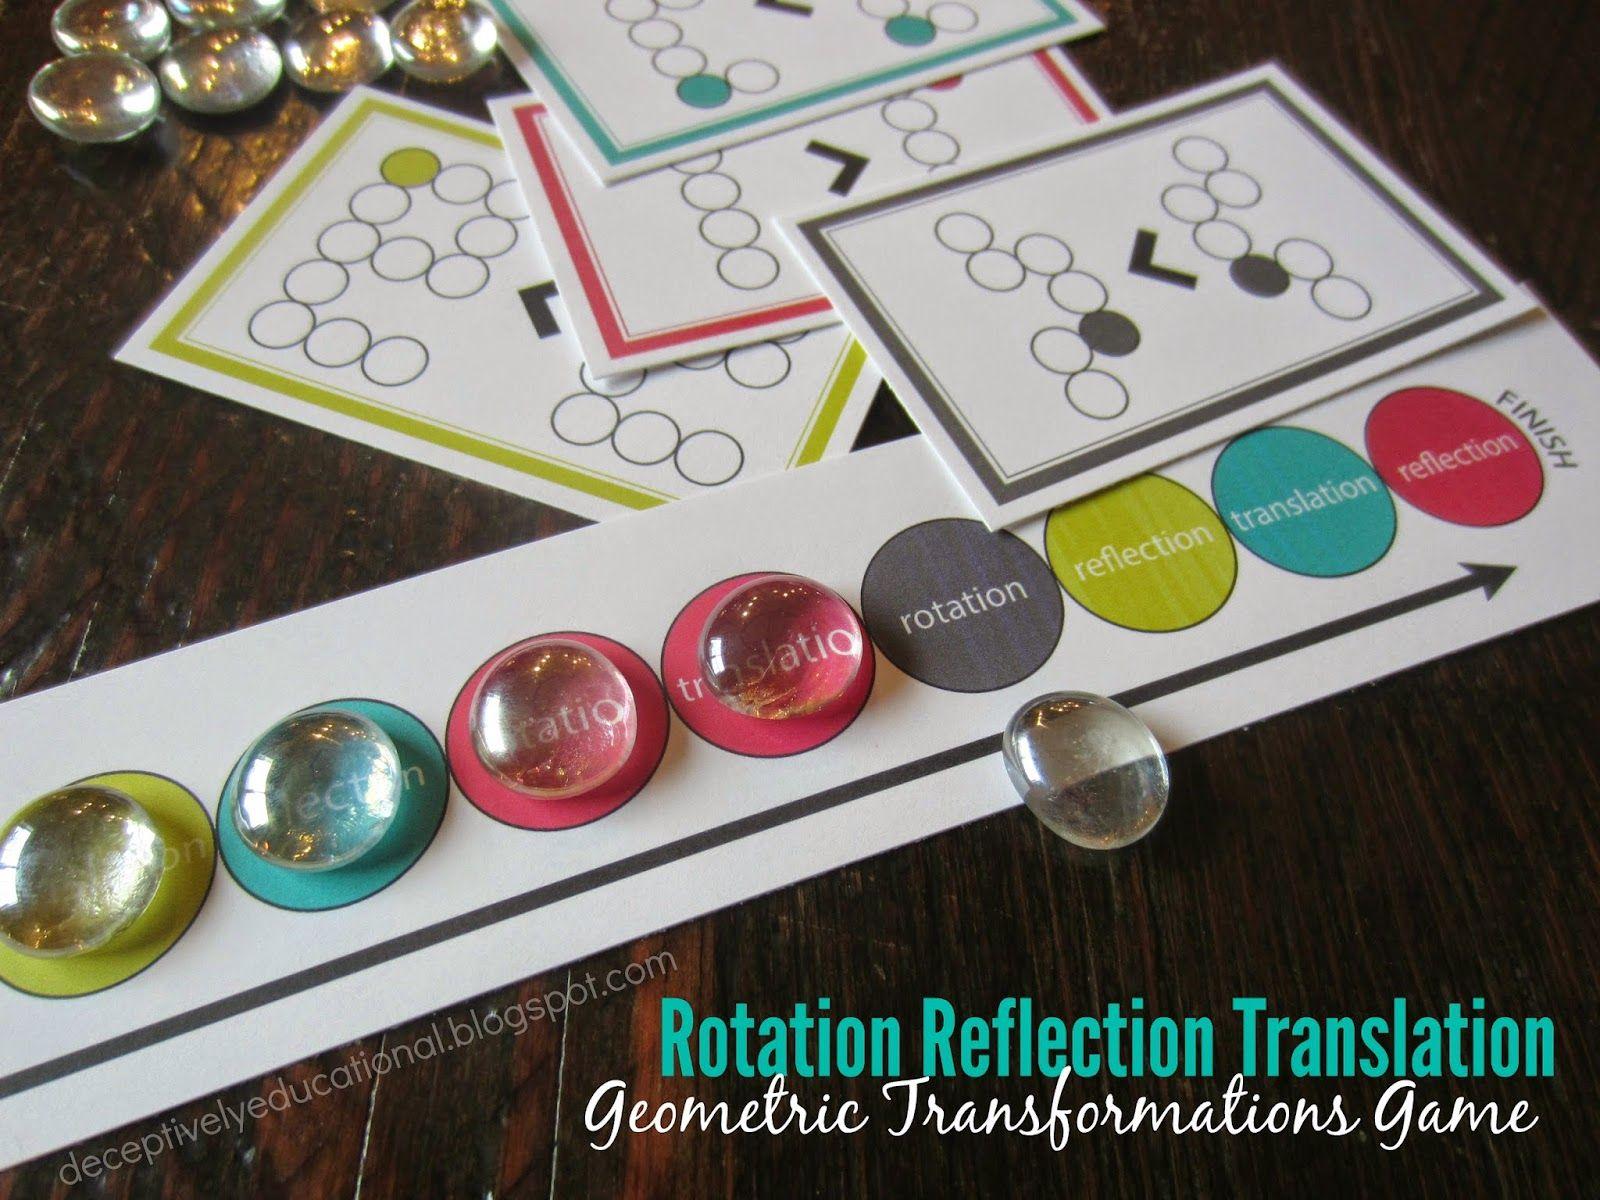 Rotation Reflection Translation Game Free Printable